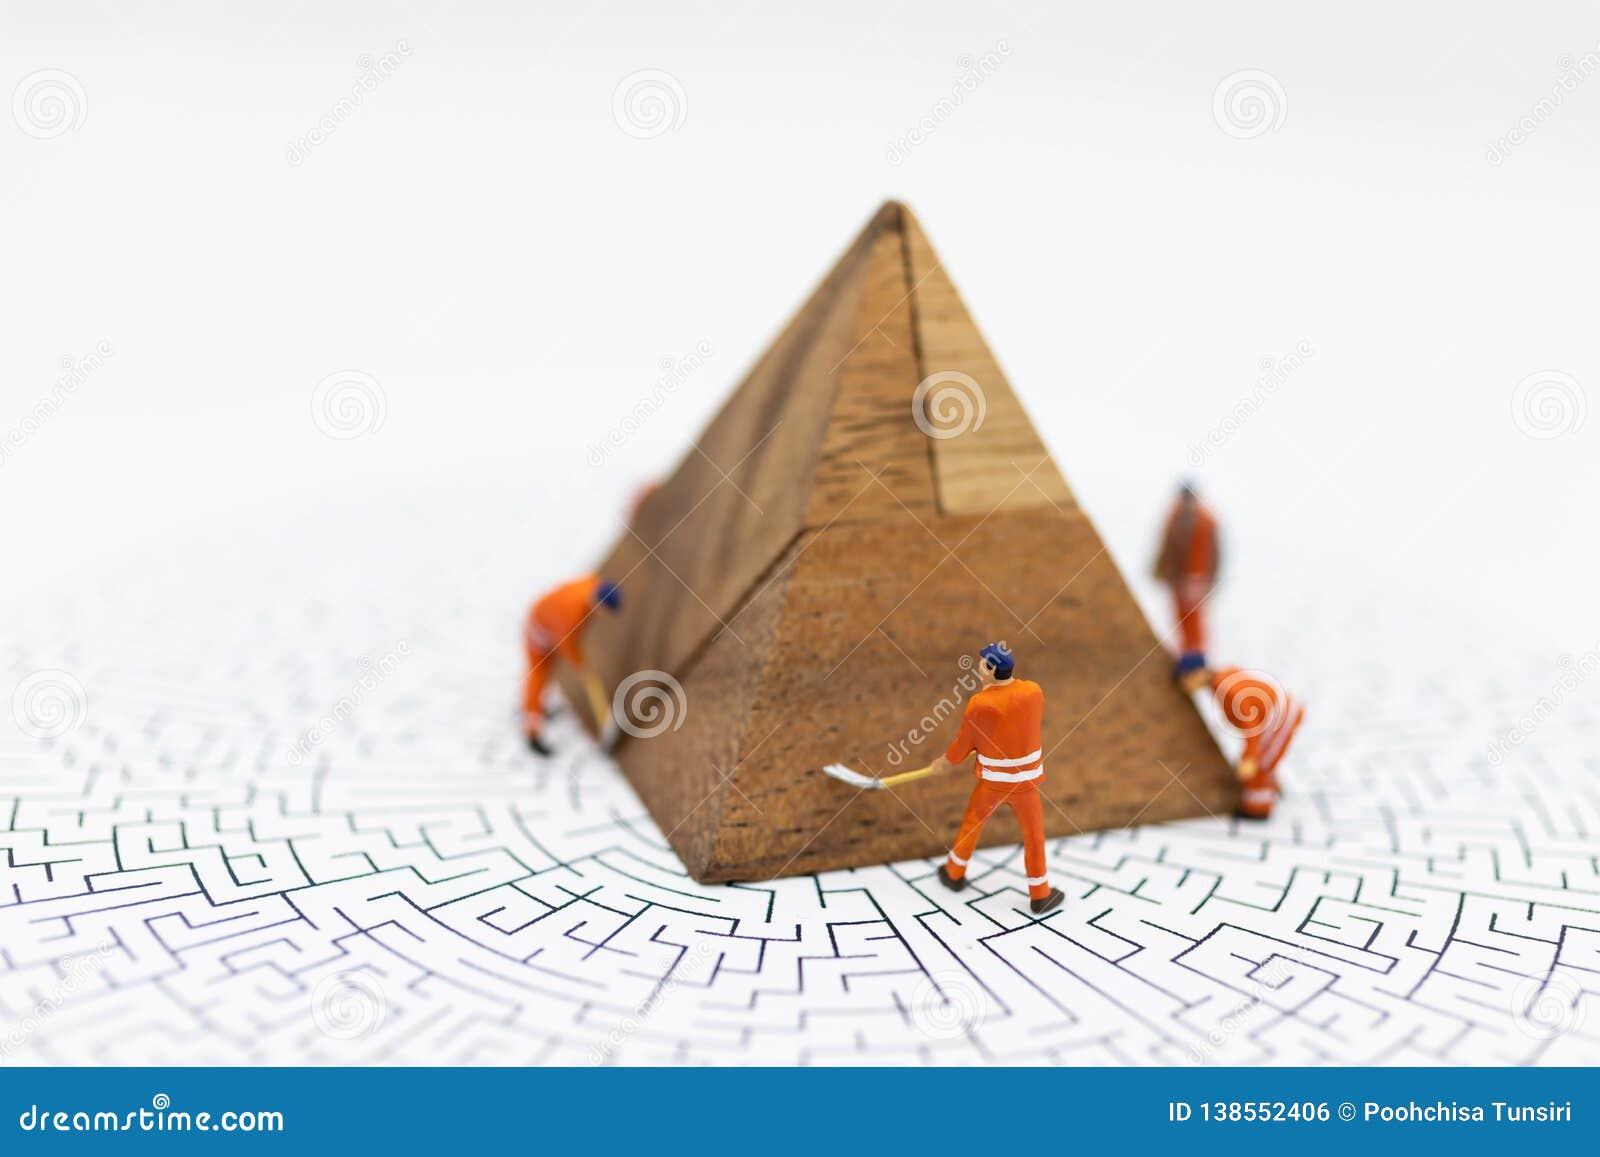 Μικροσκοπικοί άνθρωποι: Οι εργαζόμενοι επισκευάζουν, καθορίζοντας επιχειρησιακά κέρδη, γραφική παράσταση, εικόνα χρήσης για τις α